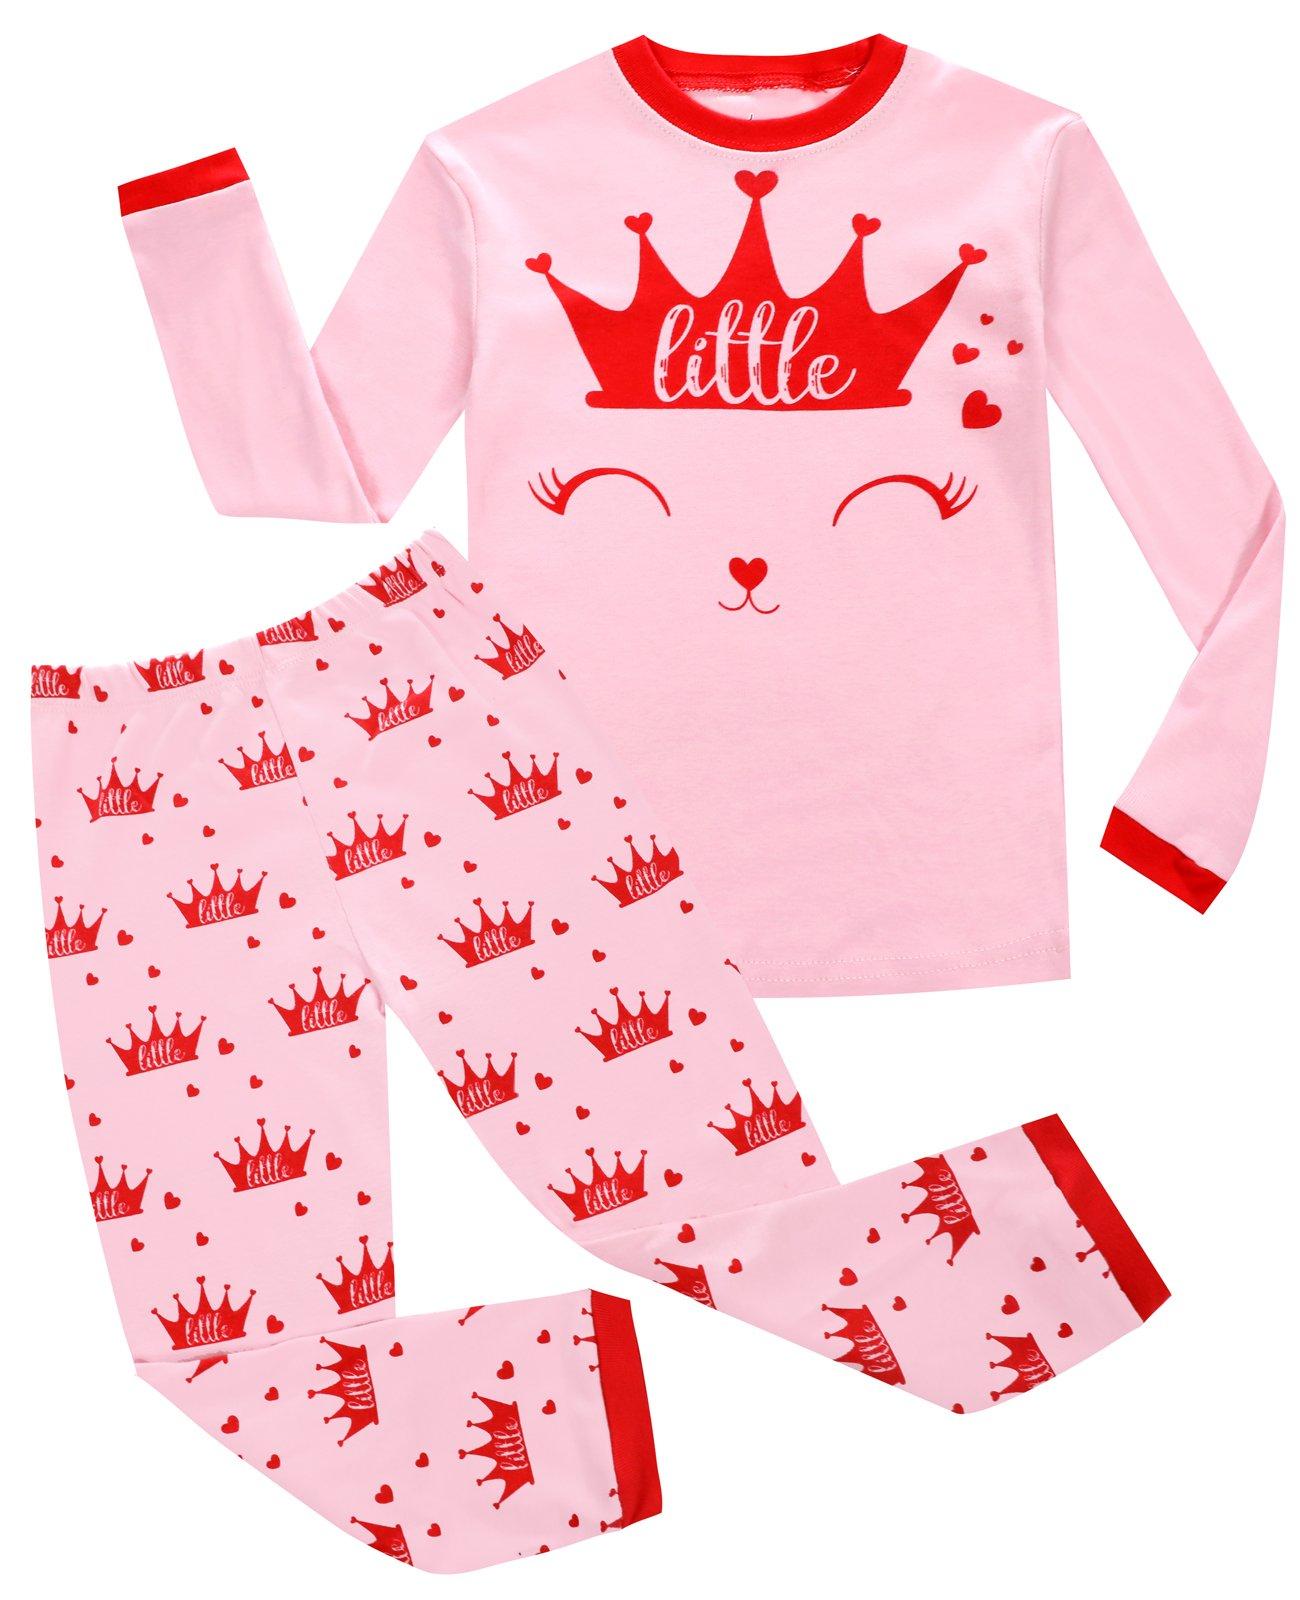 Joyond Girls Cat Pajamas 100% Cotton Long Pjs Toddler Clothes Kids Shirts Set(cat 18-24M)